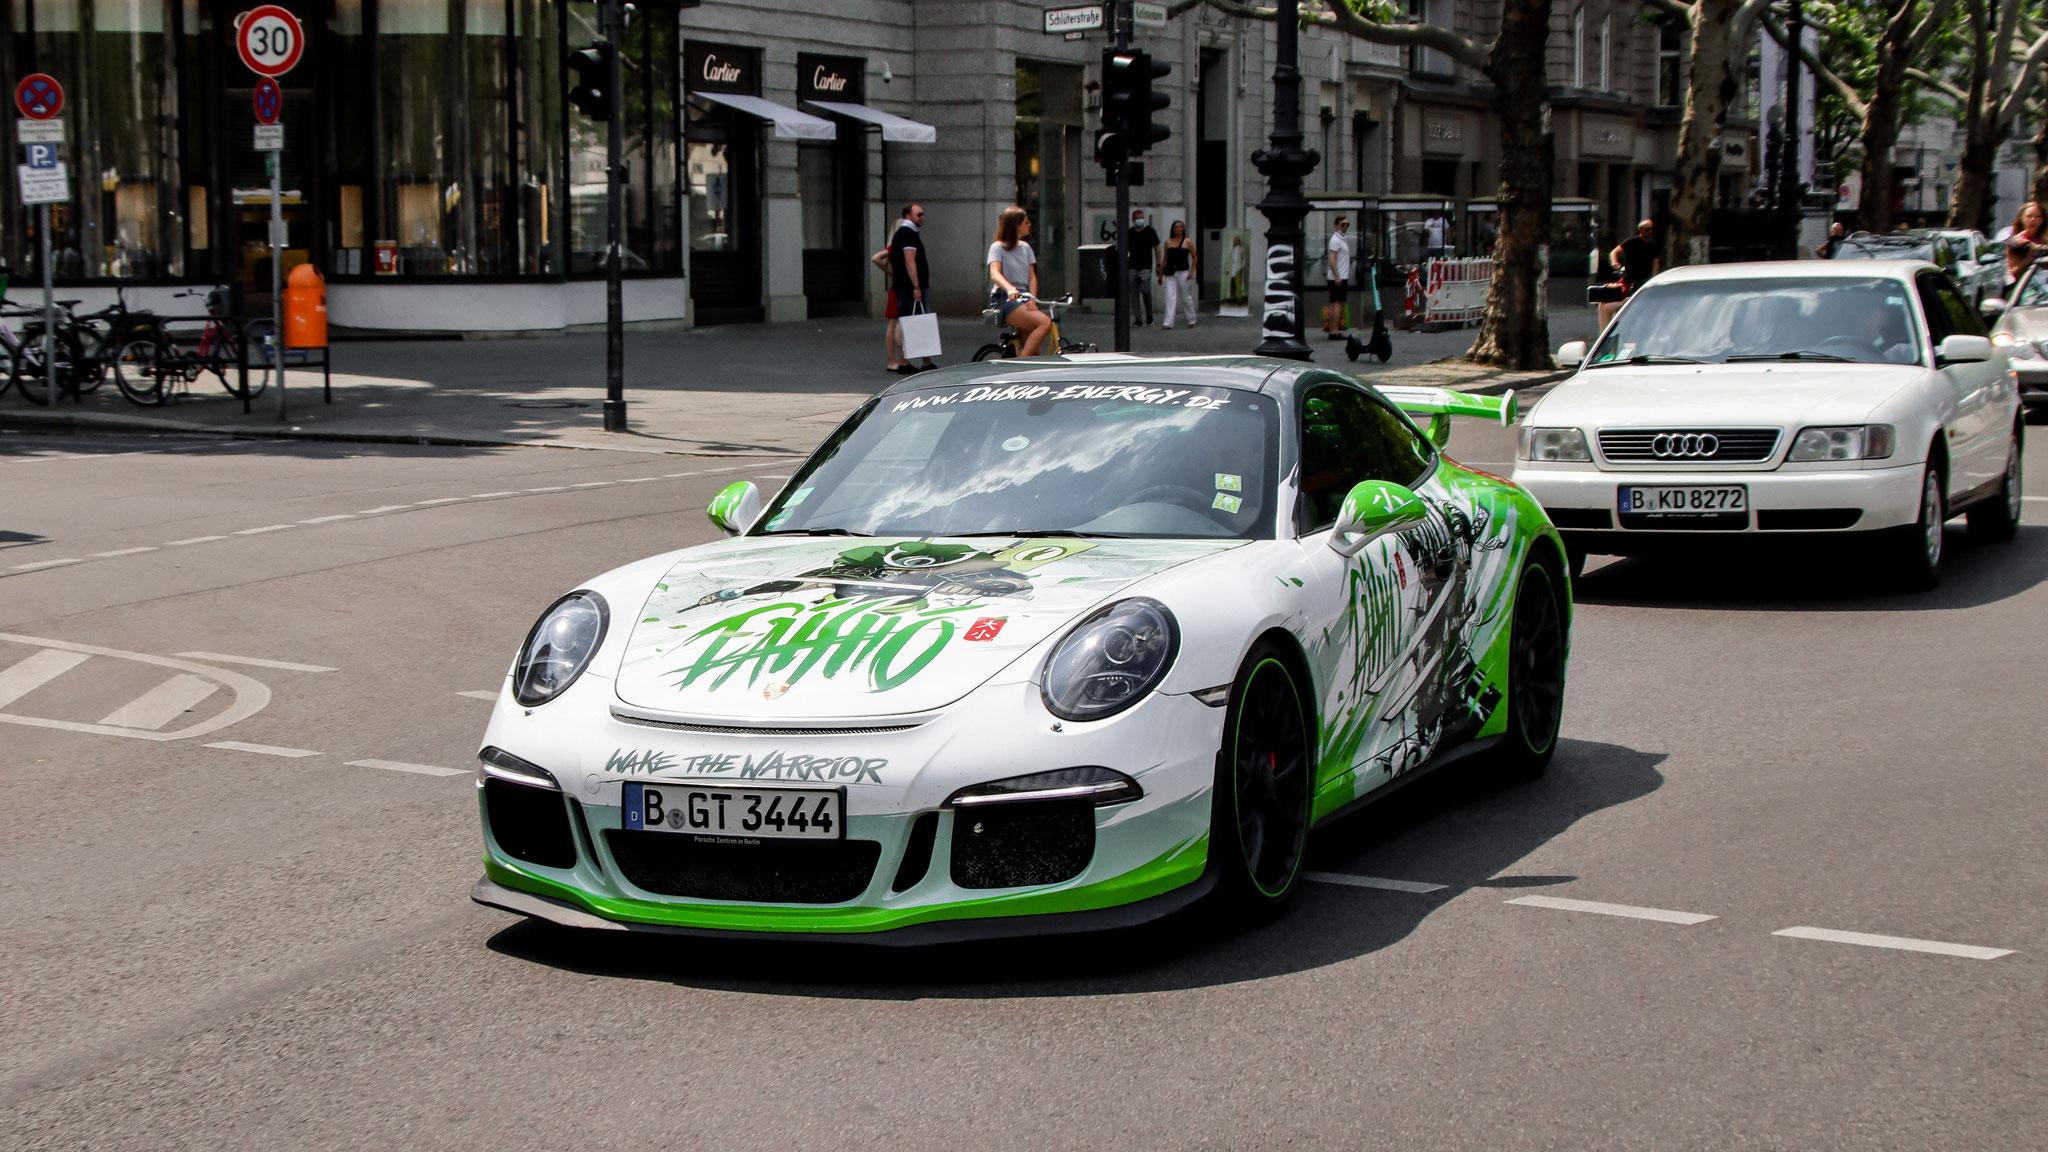 Porsche 991 GT3 - B-GT-3444